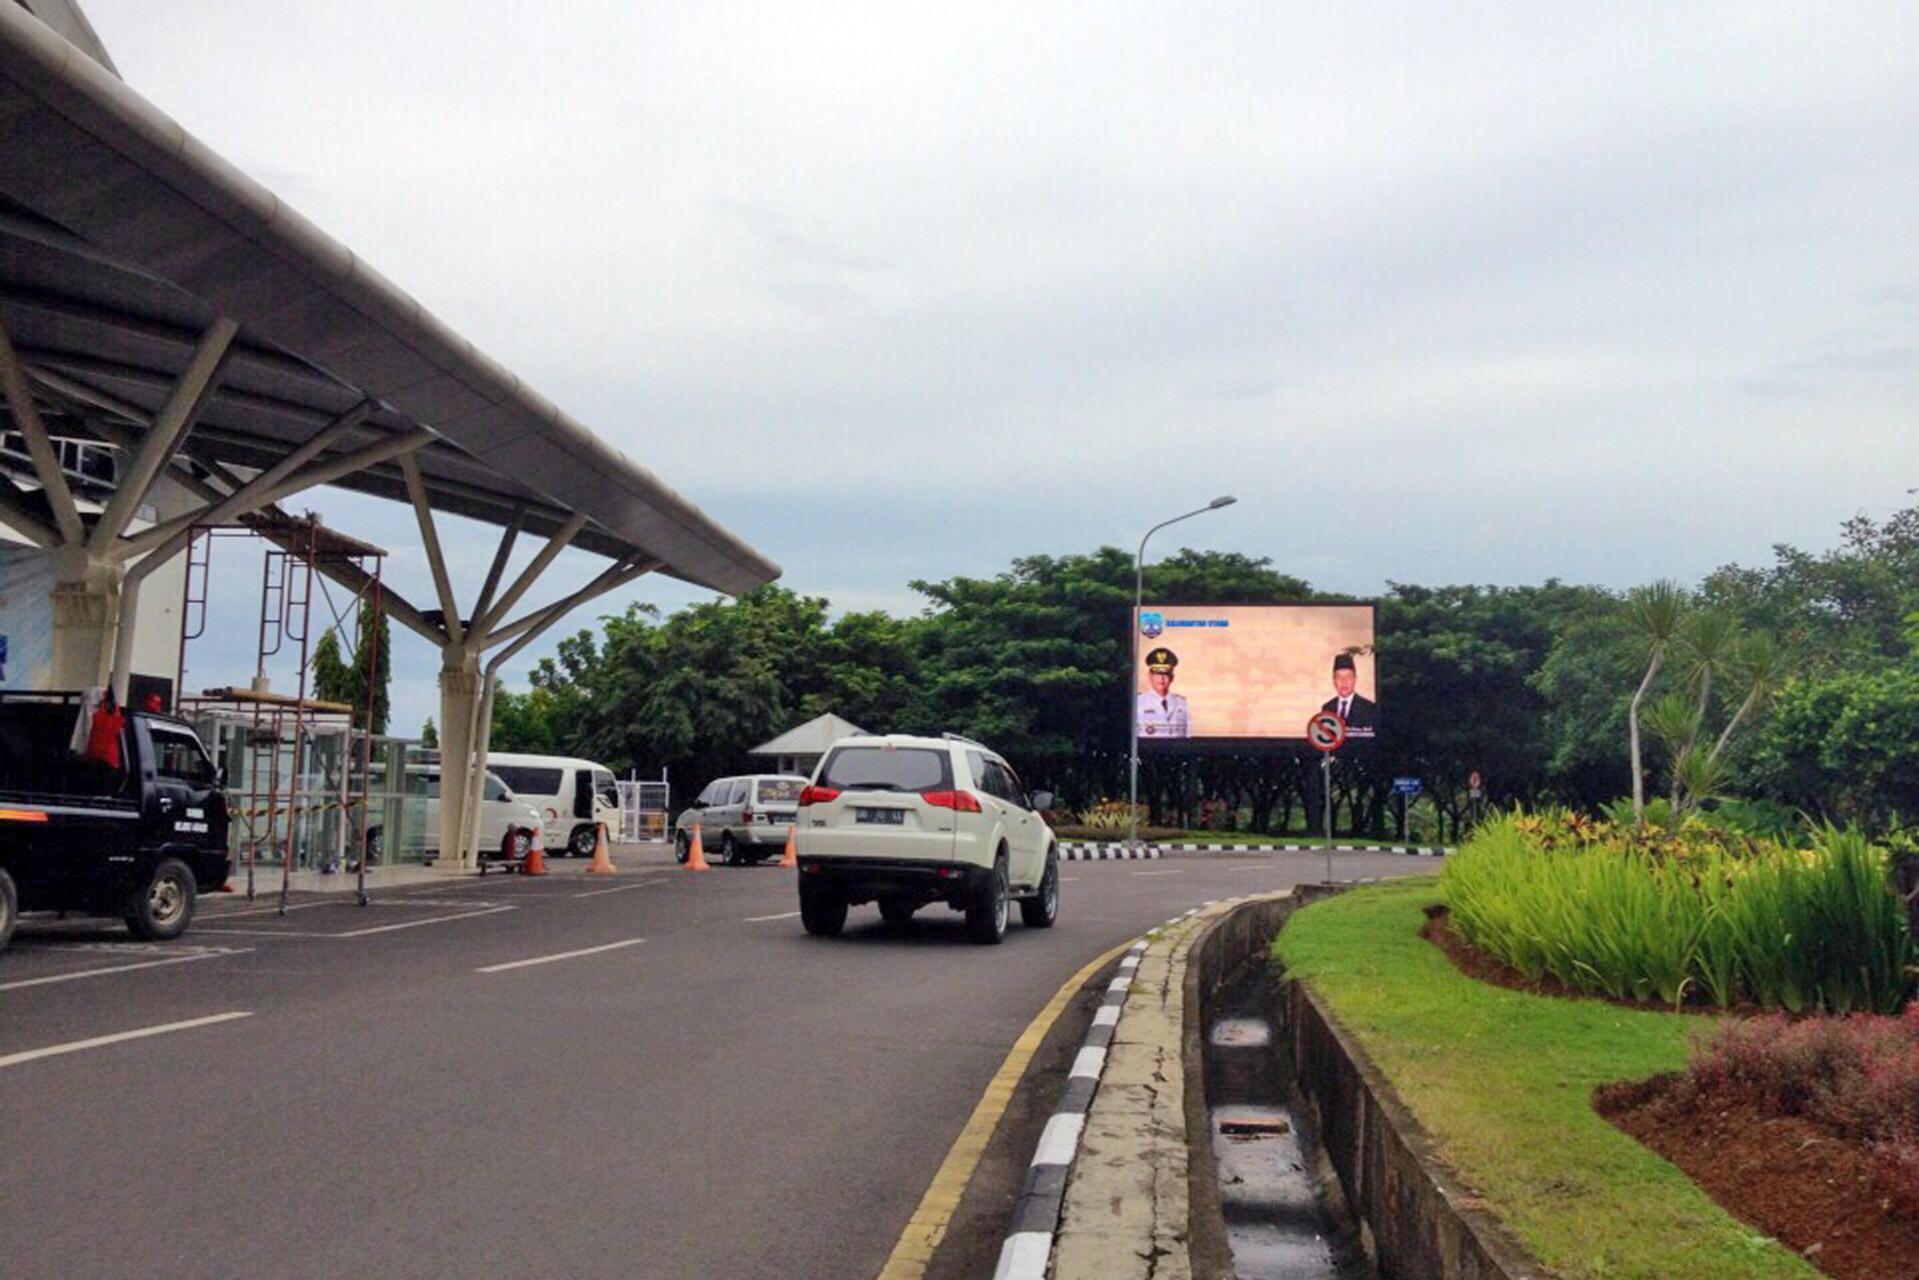 Pemprov Kalimantan Utara - LED Rotunda 5 bandara Sultan Hasanuddin Makassar